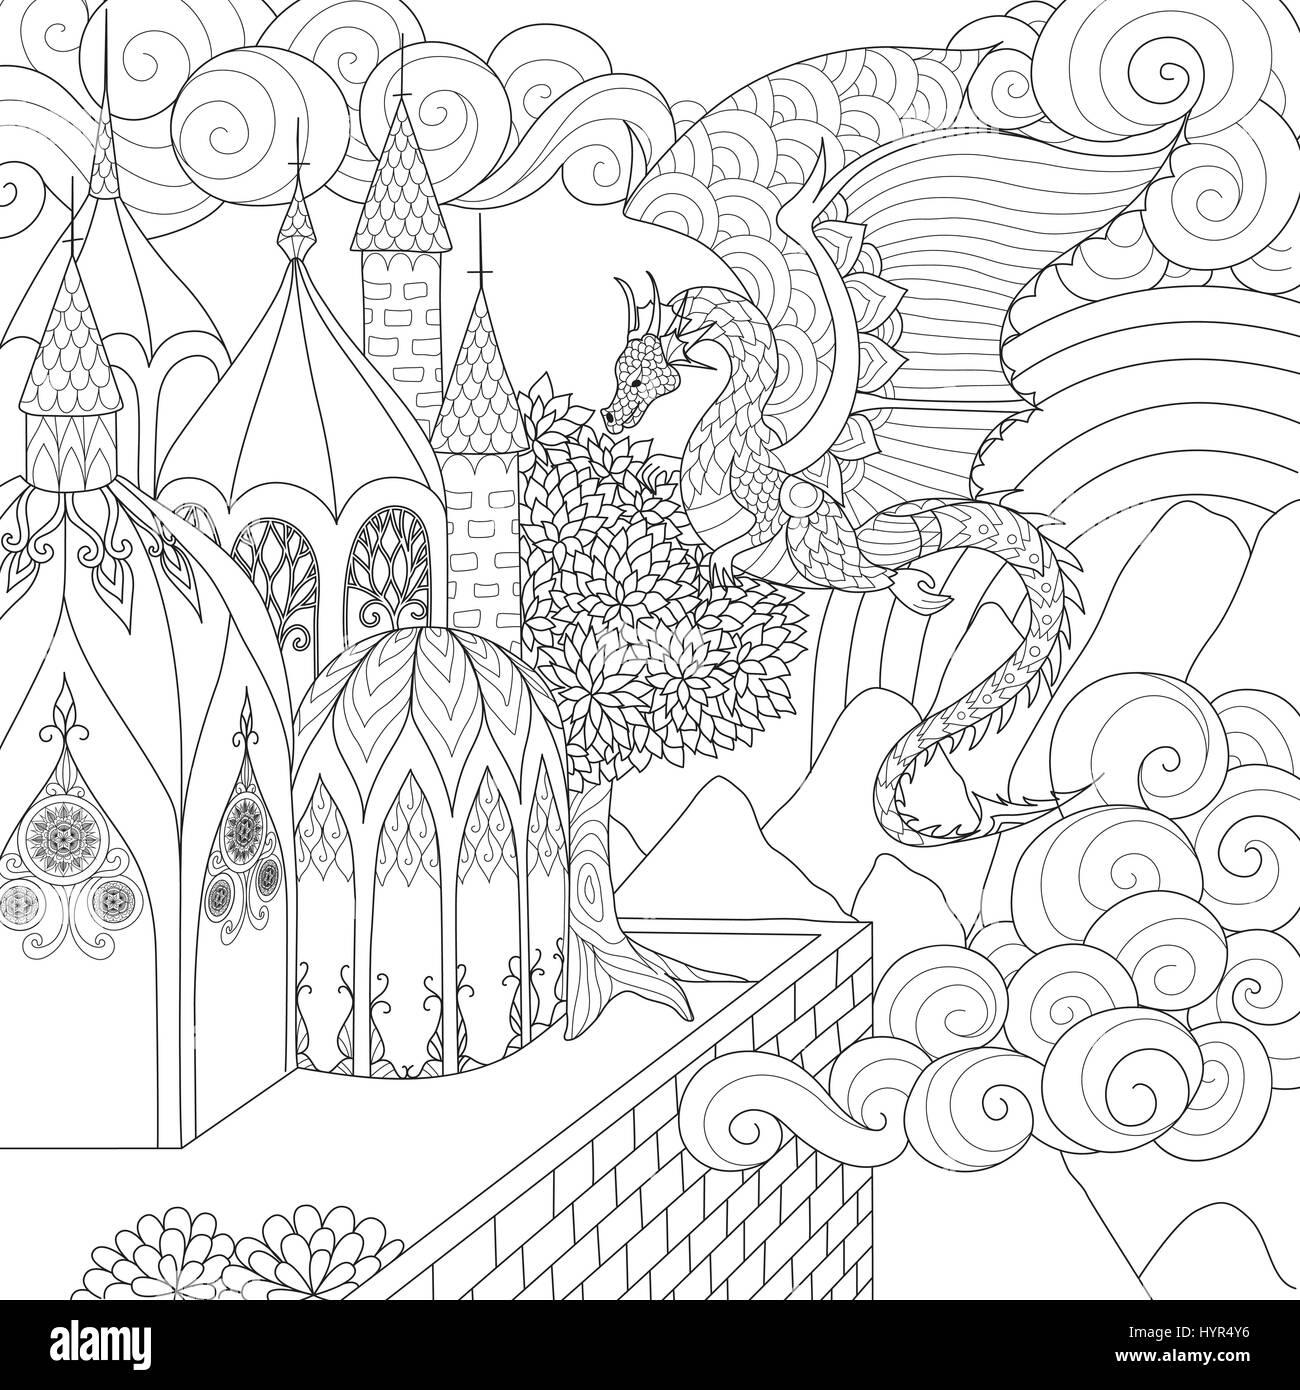 Coloriage Adulte Eglise.Dragon Volant Au Dessus De Belle Cathedrale Pour Livre De Coloriage